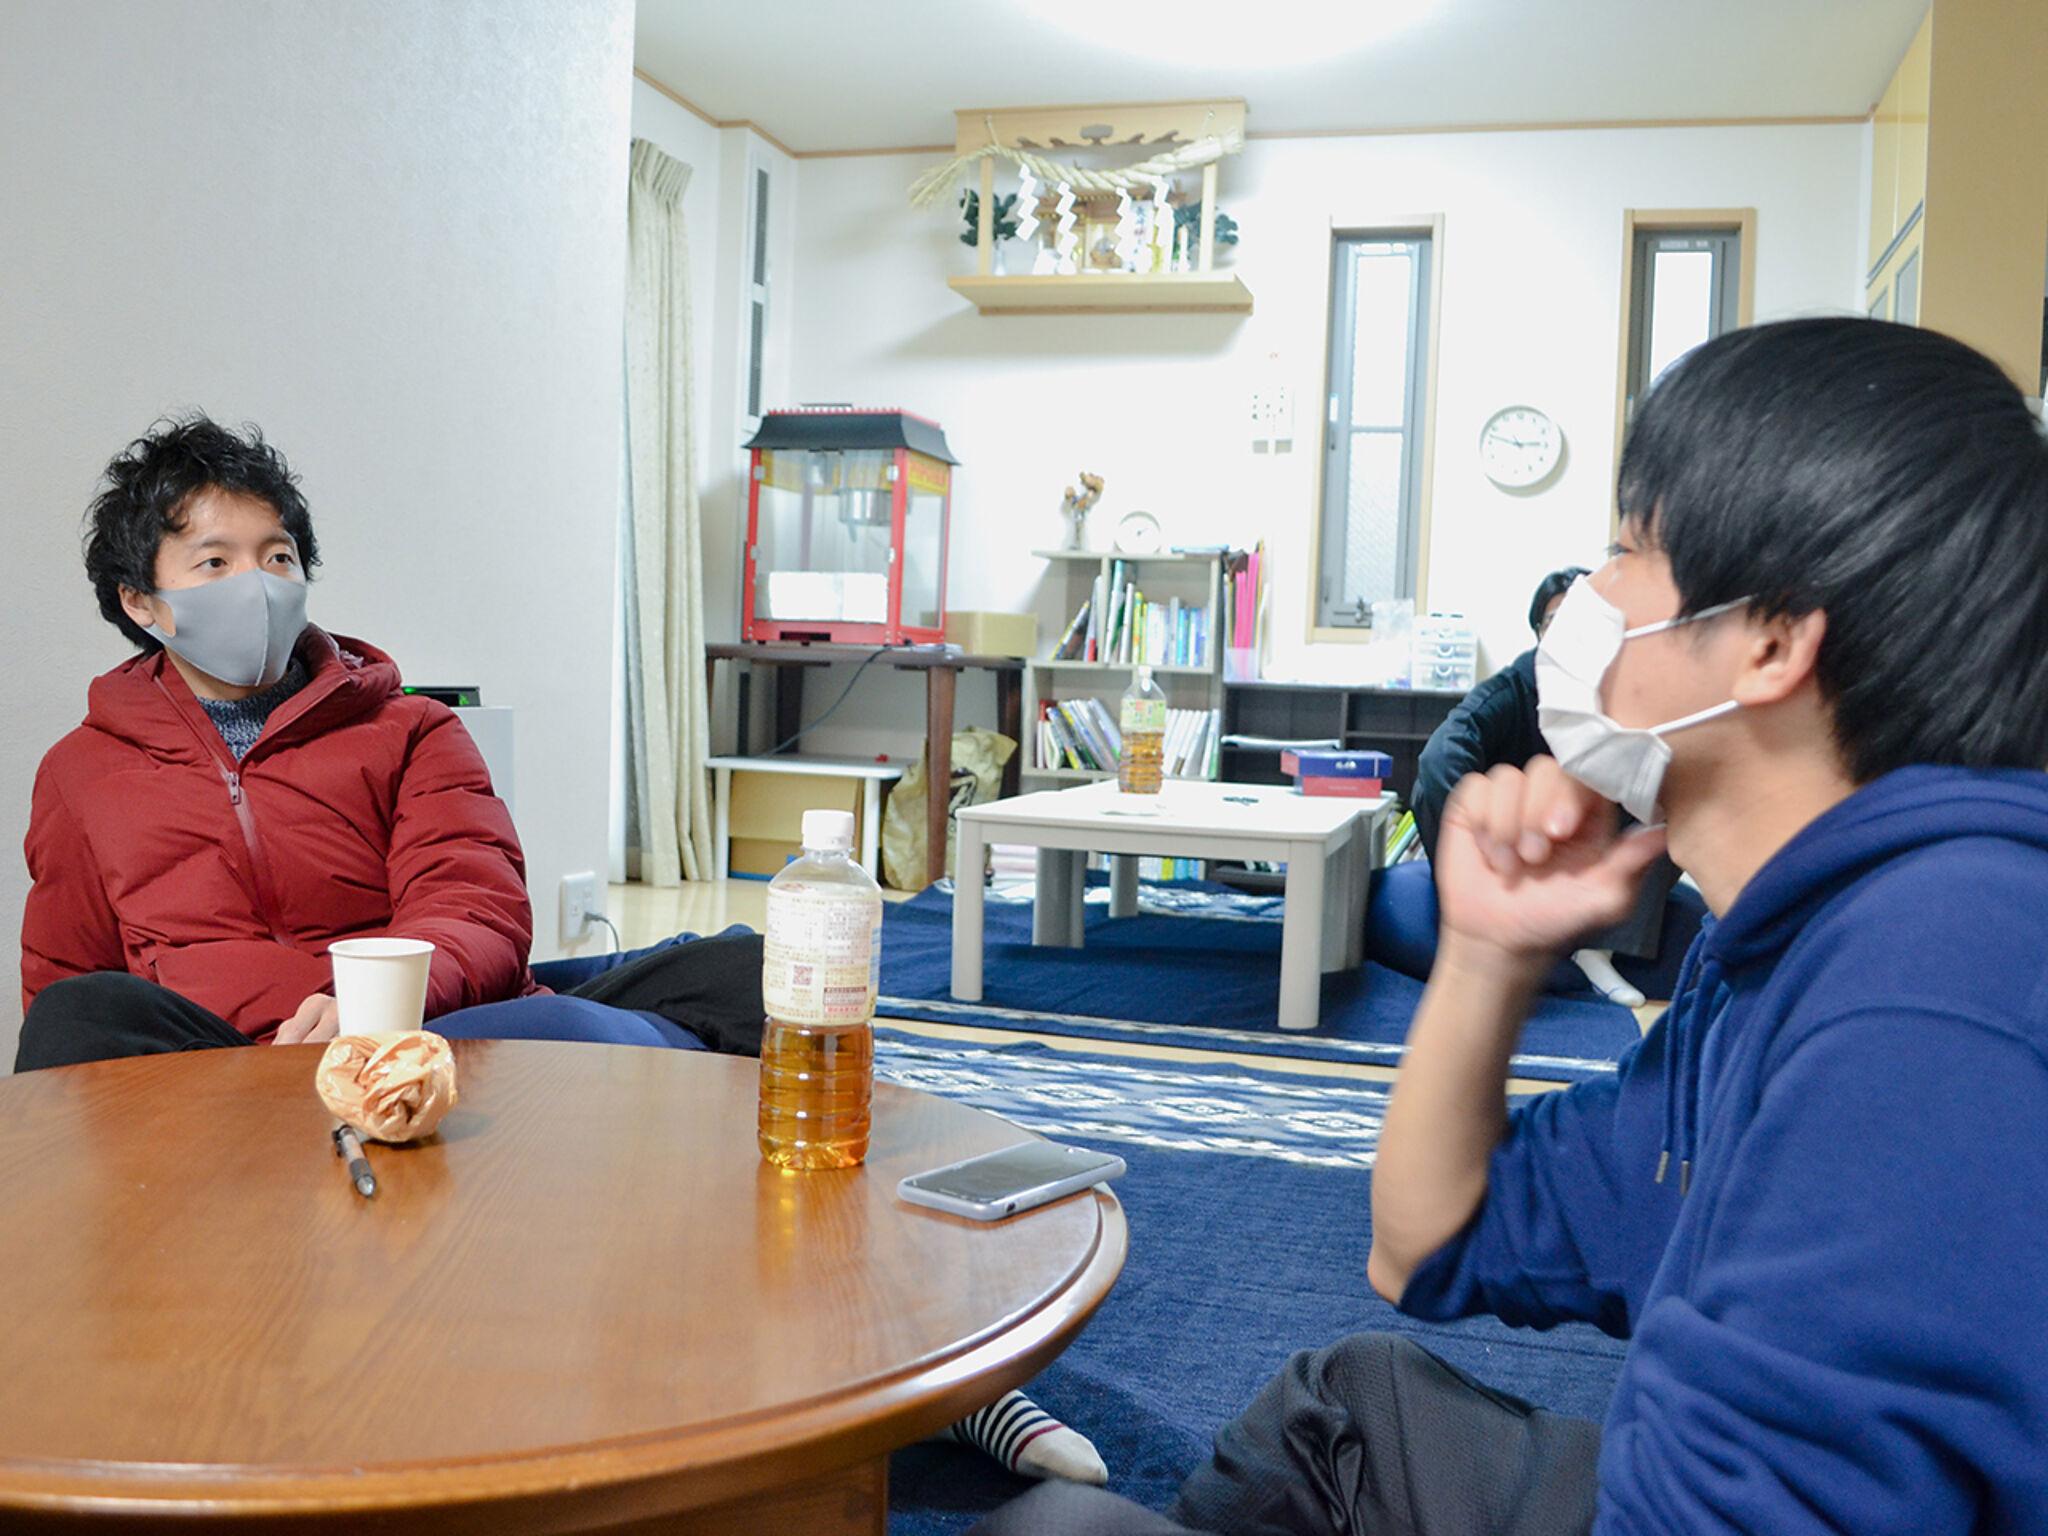 サンカクシャの居場所にて男性2名が会話をしている画像